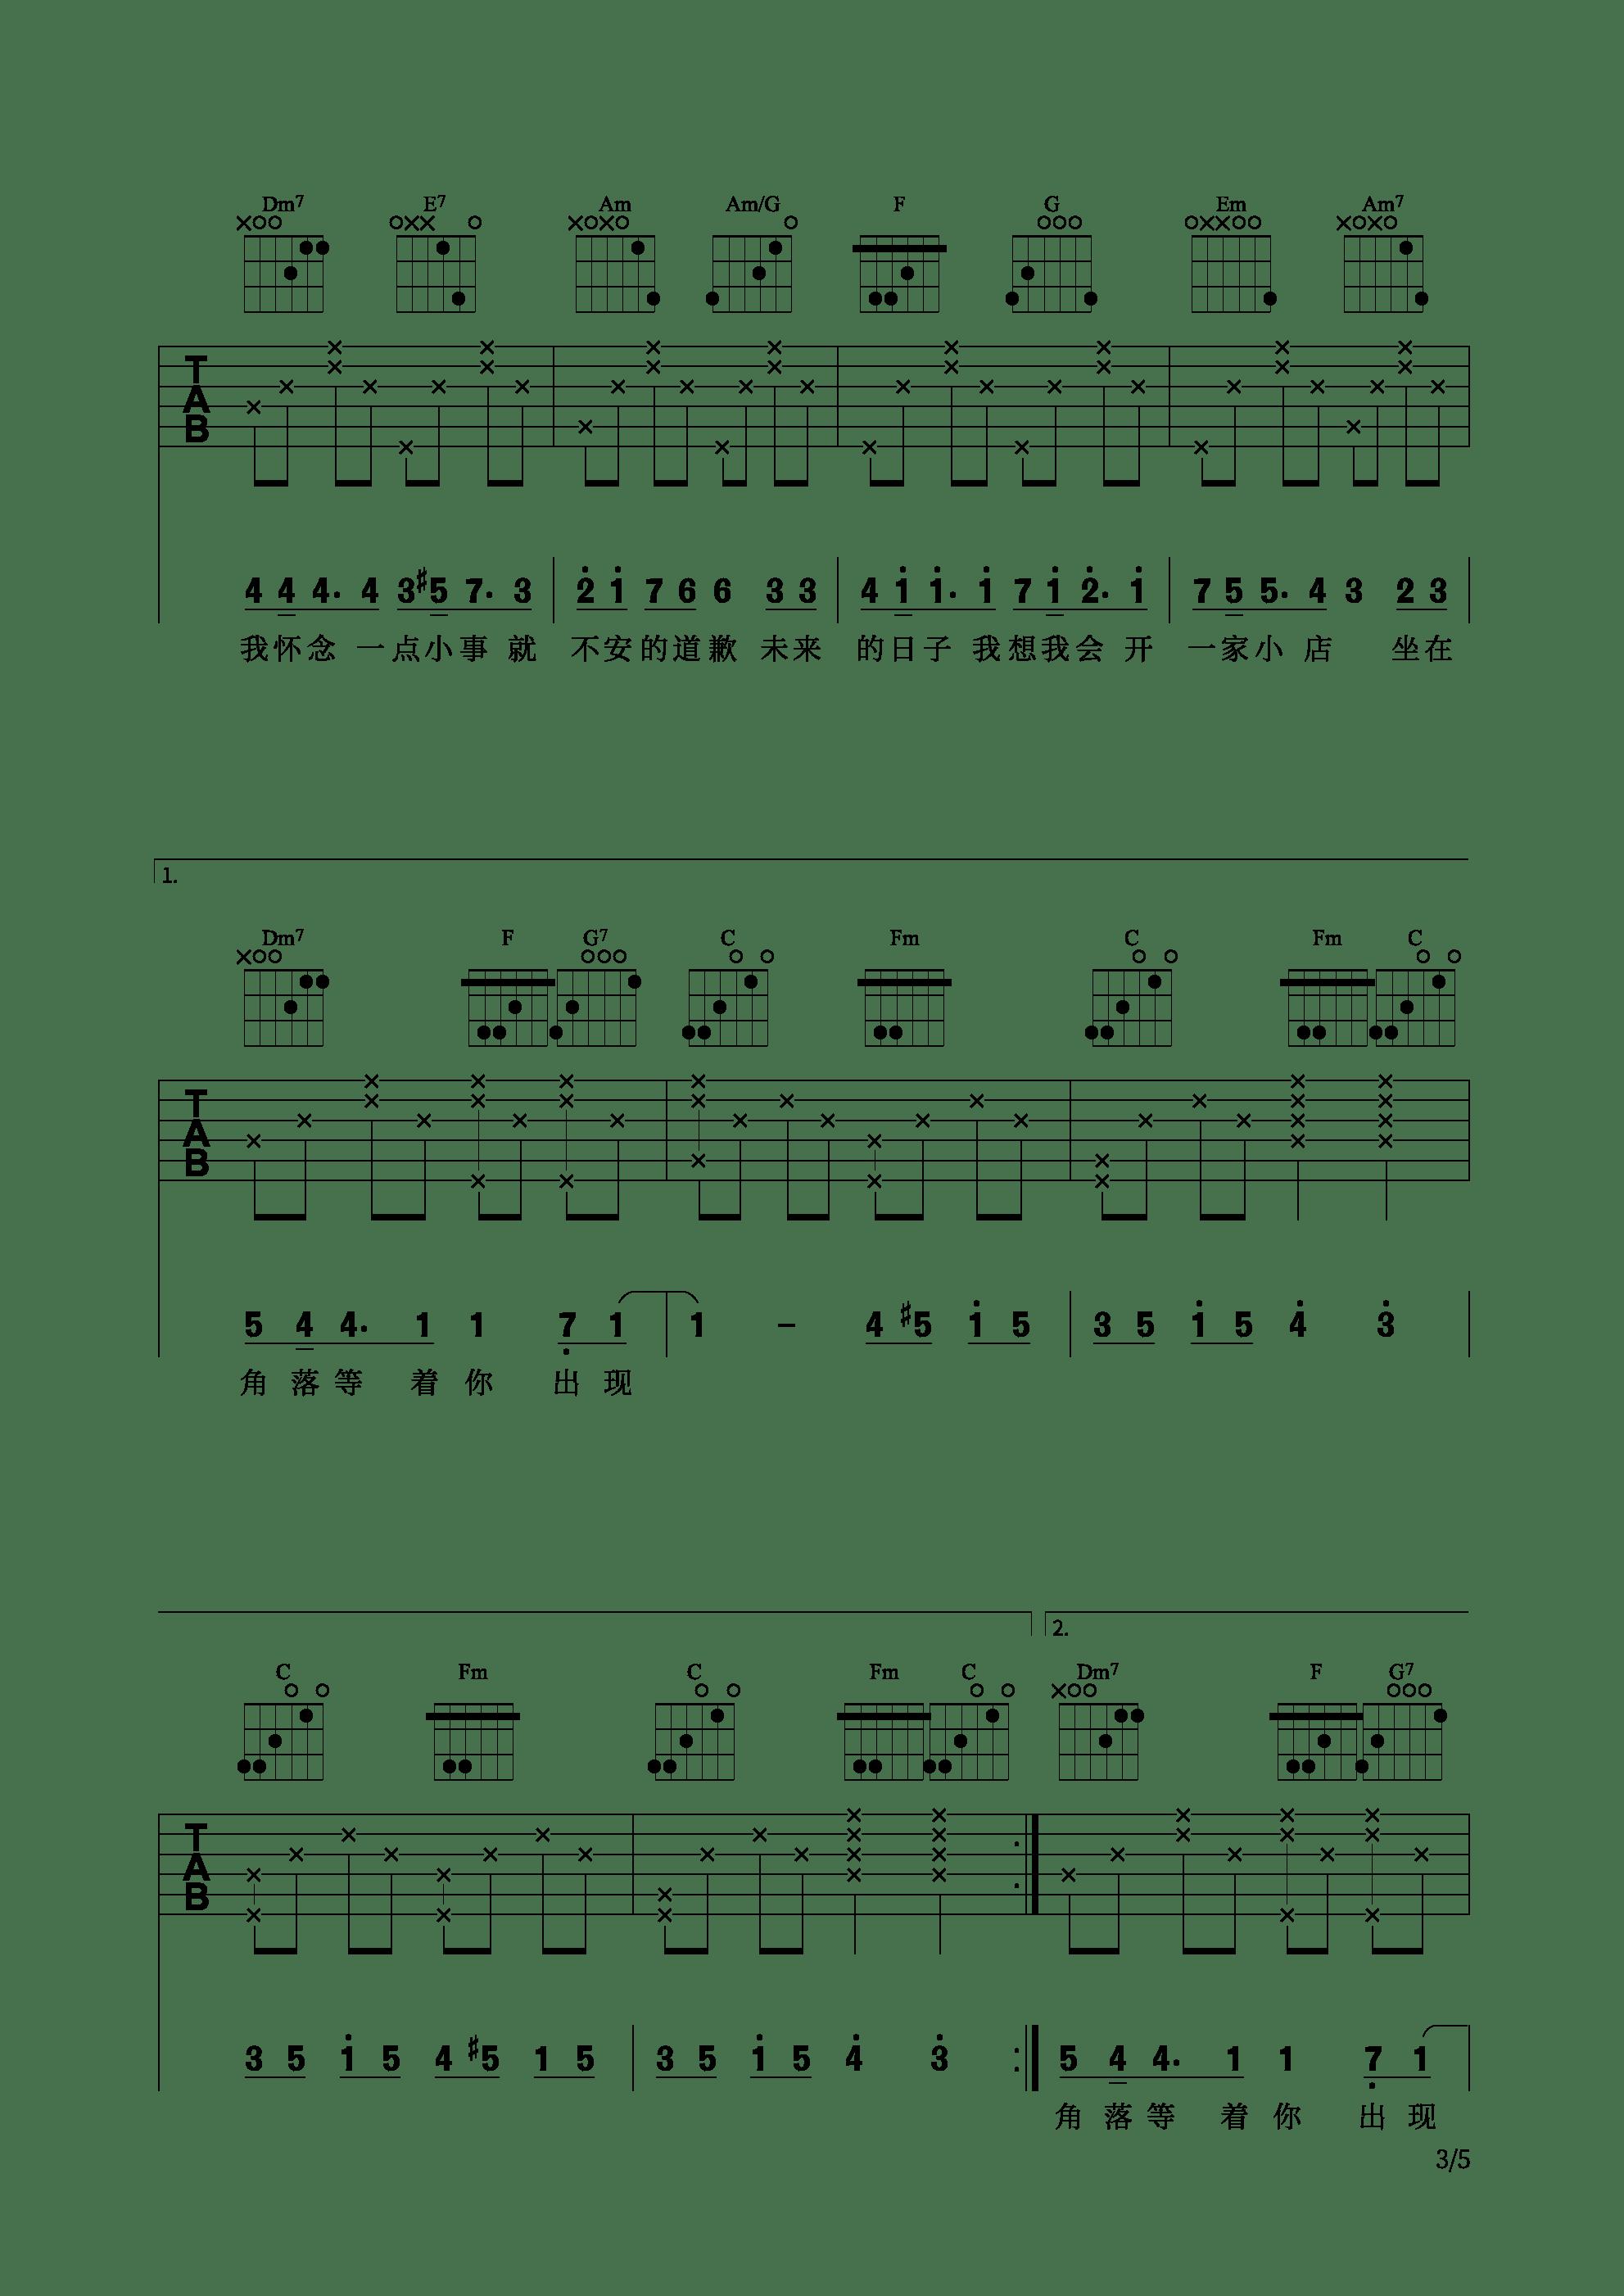 网剧《芝麻》插曲 - 不说什么吉他谱3